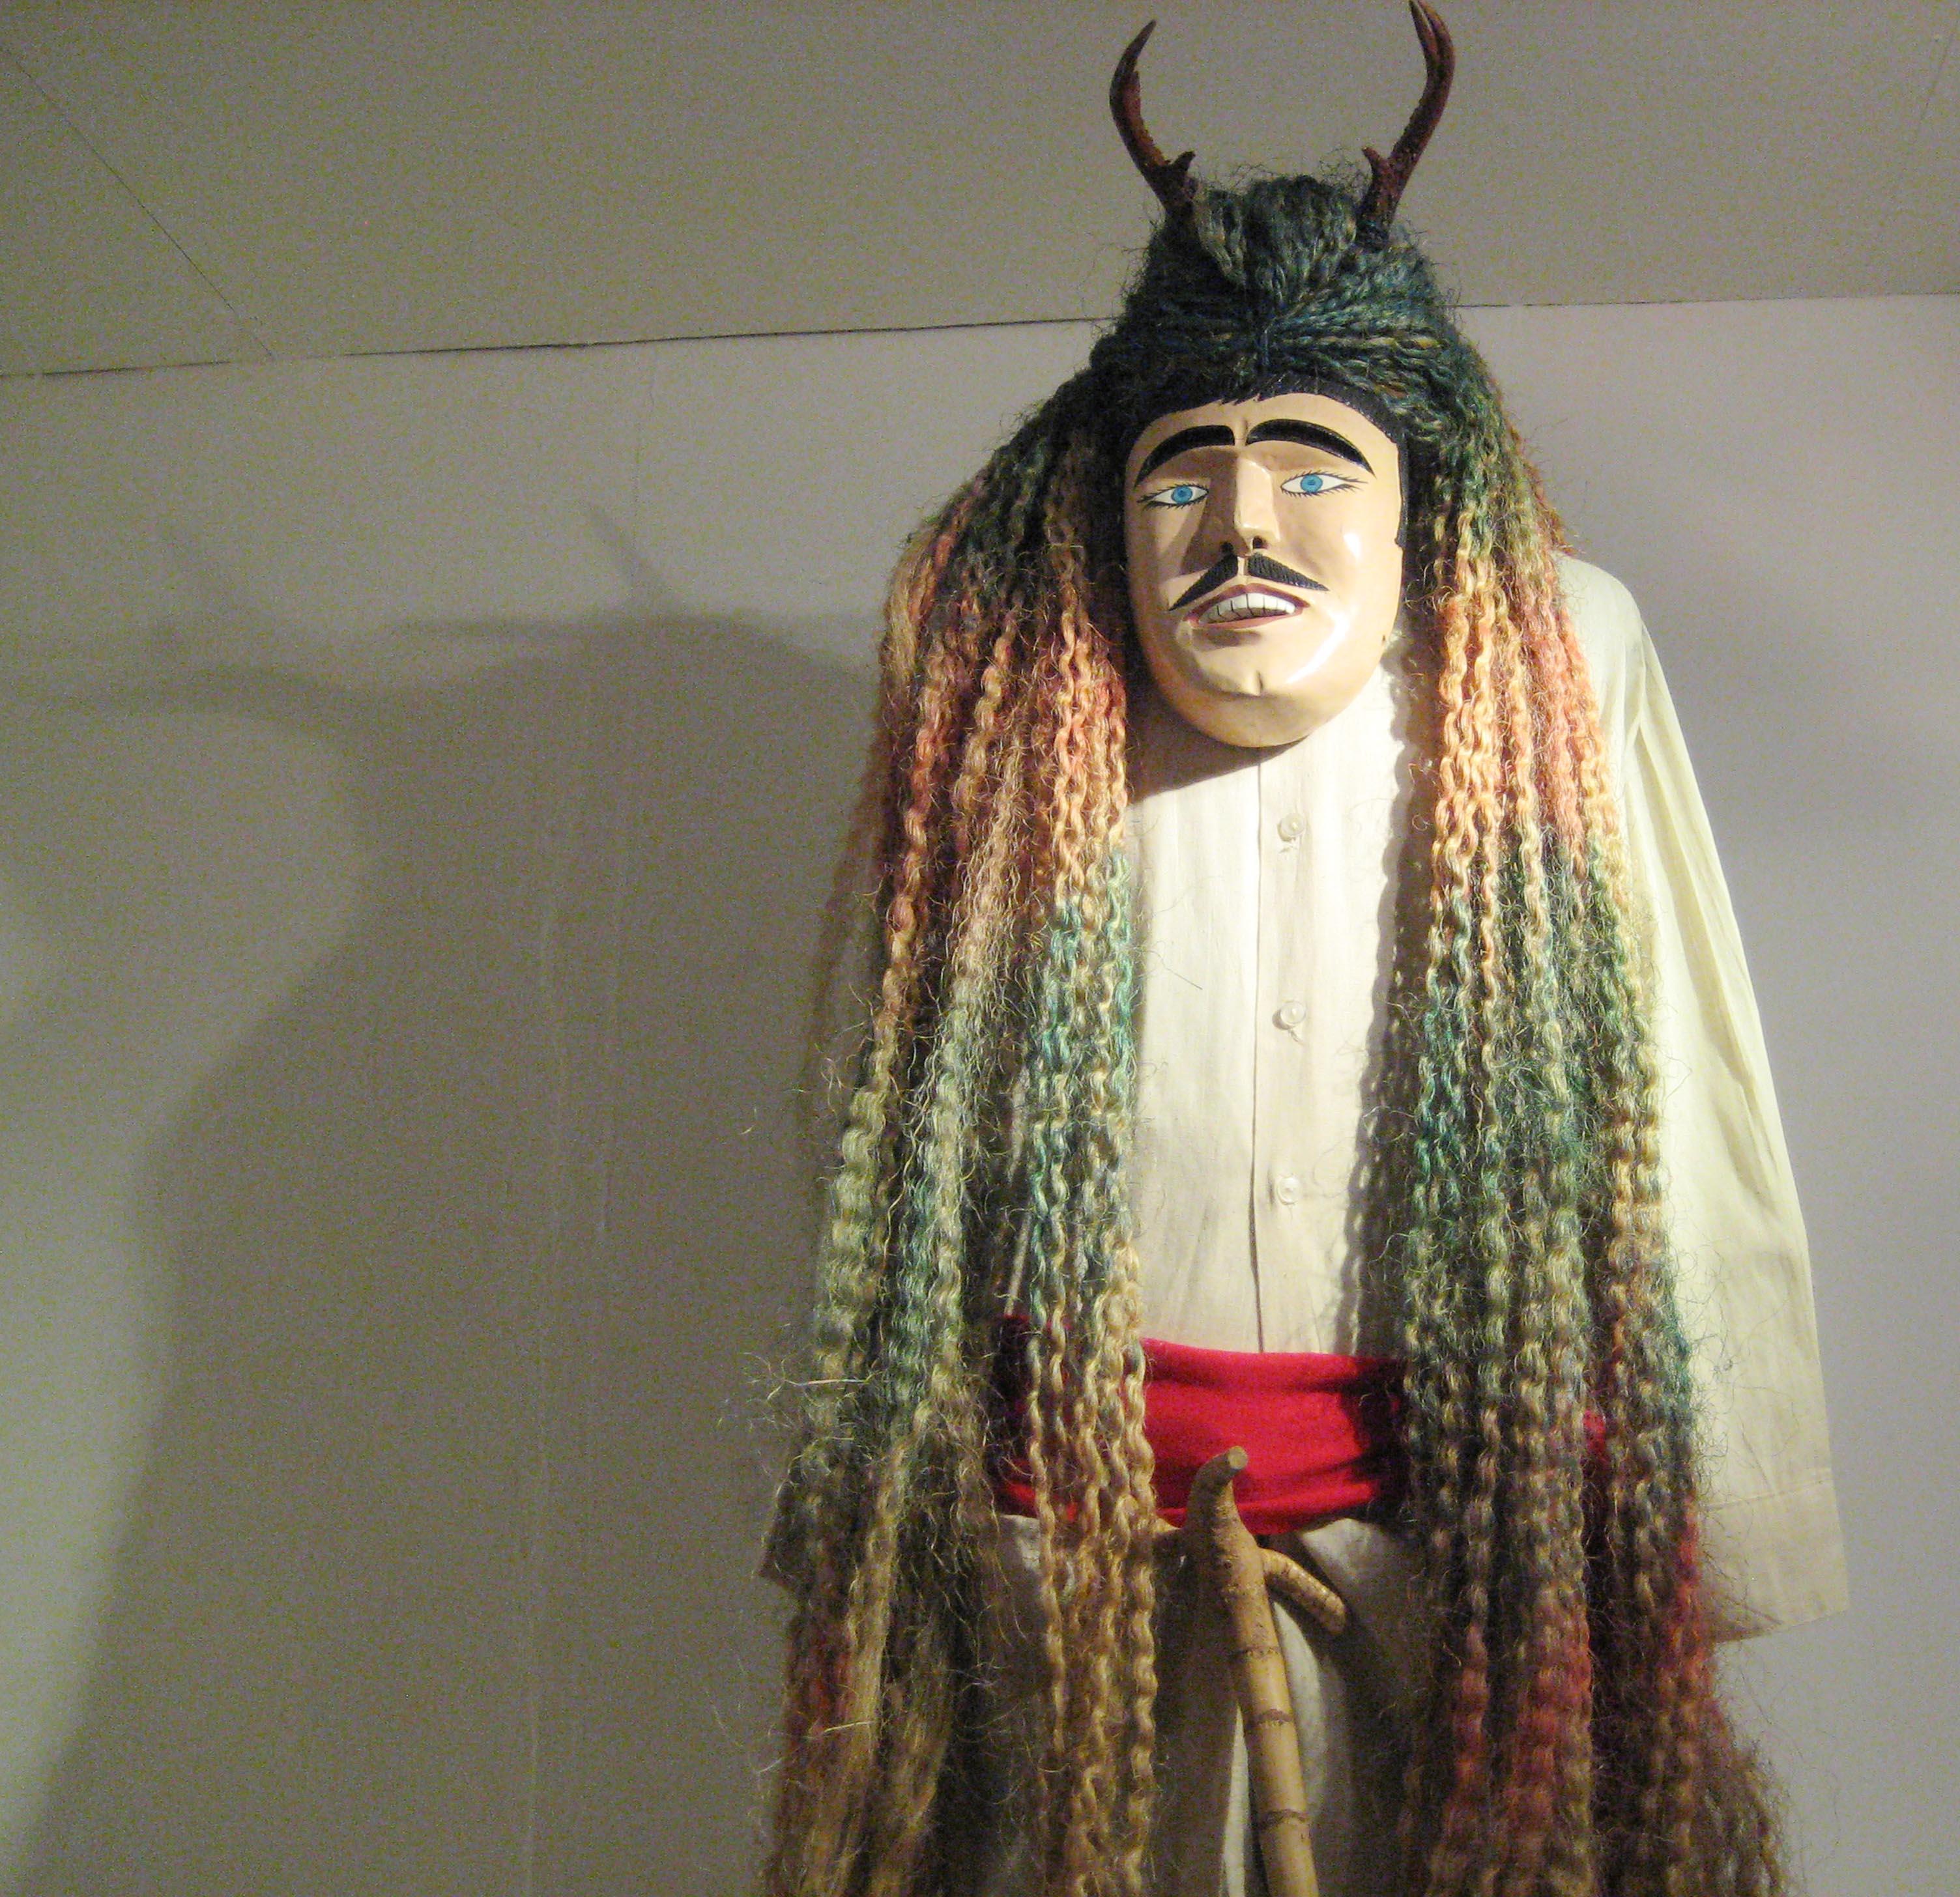 Museo de las Artes Populares de Jalisco